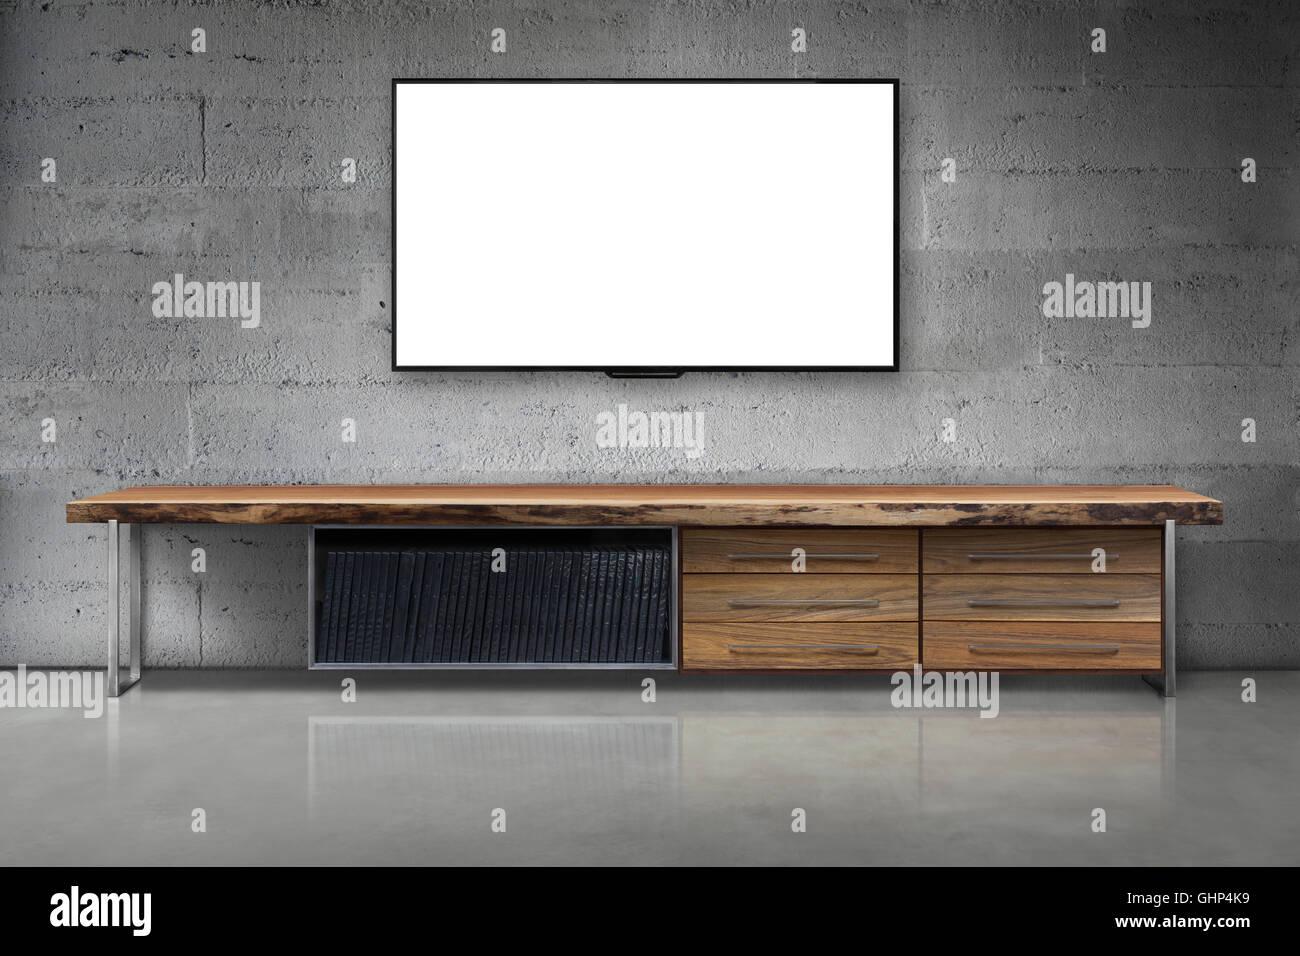 Soggiorno Moderno Con Tavolo In Legno.Led Tv Sulla Parete Di Cemento Con Un Tavolo Di Legno Soggiorno